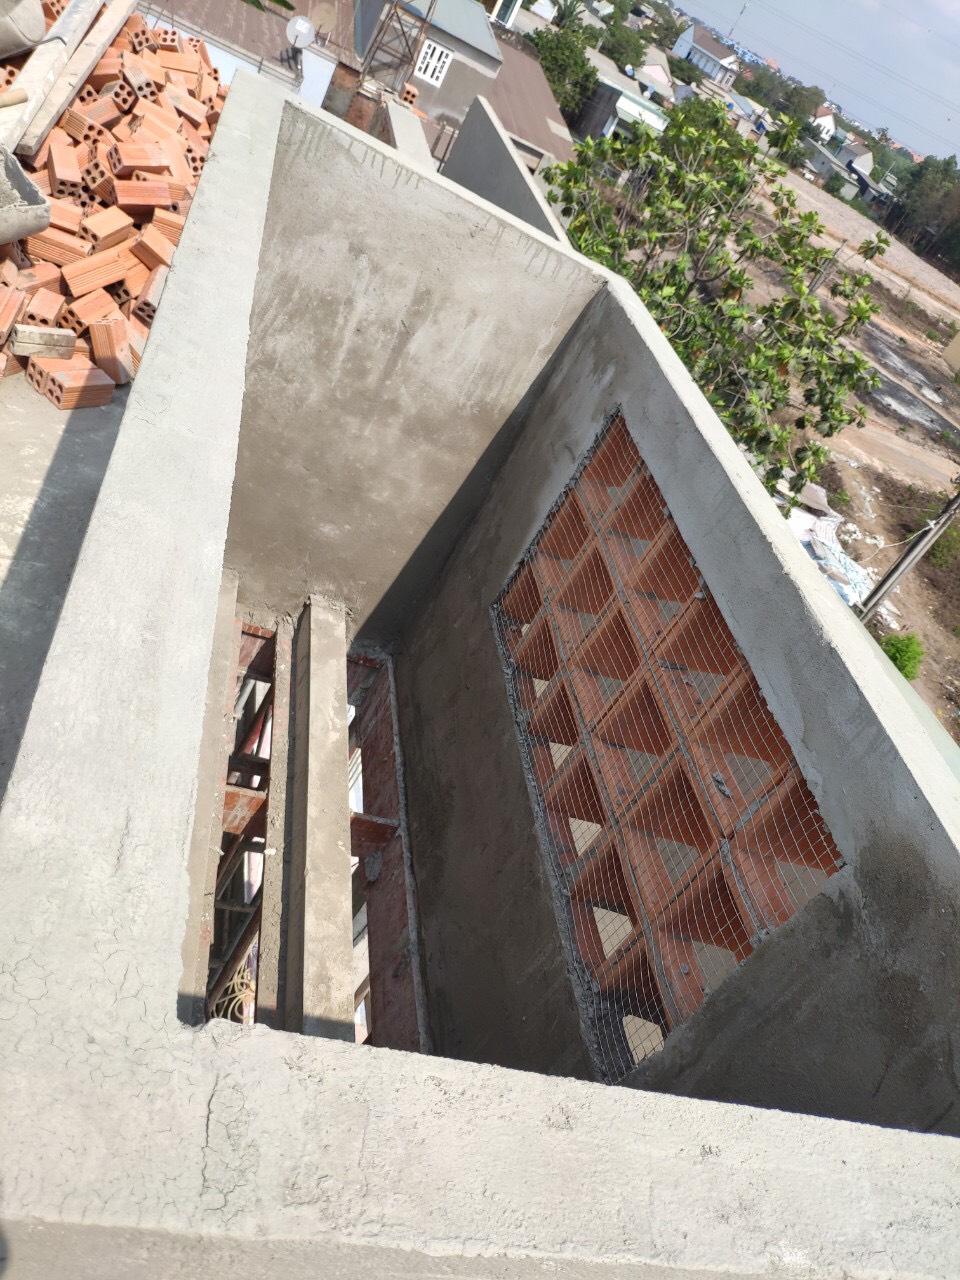 Hình ảnh thi công xây dựng công trình Biên Hòa Đồng Nai 24